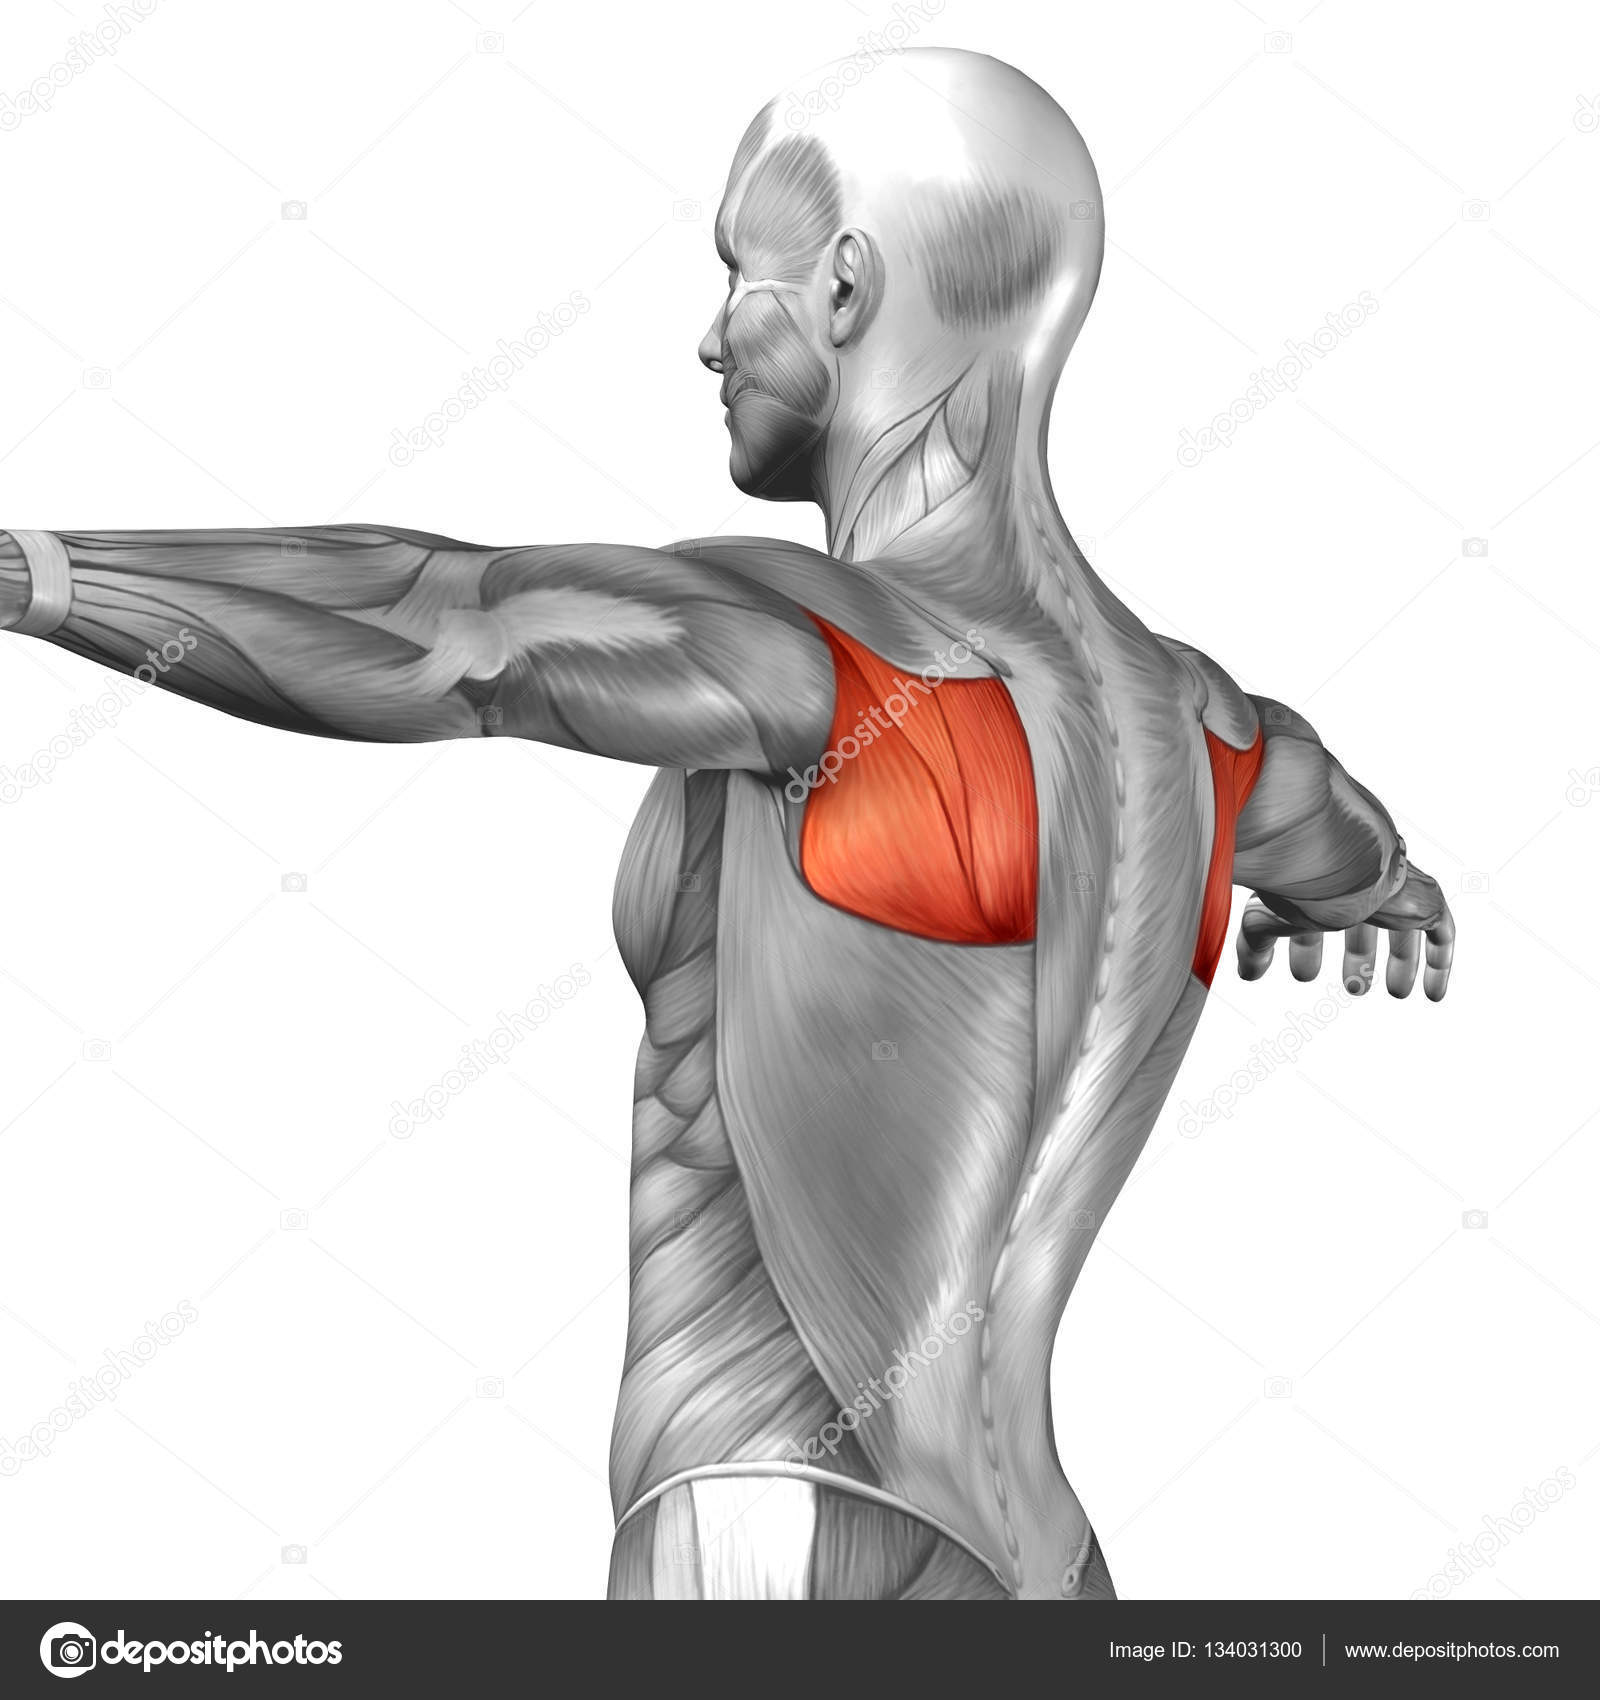 Rückenmuskulatur Struktur des Menschen — Stockfoto © design36 #134031300